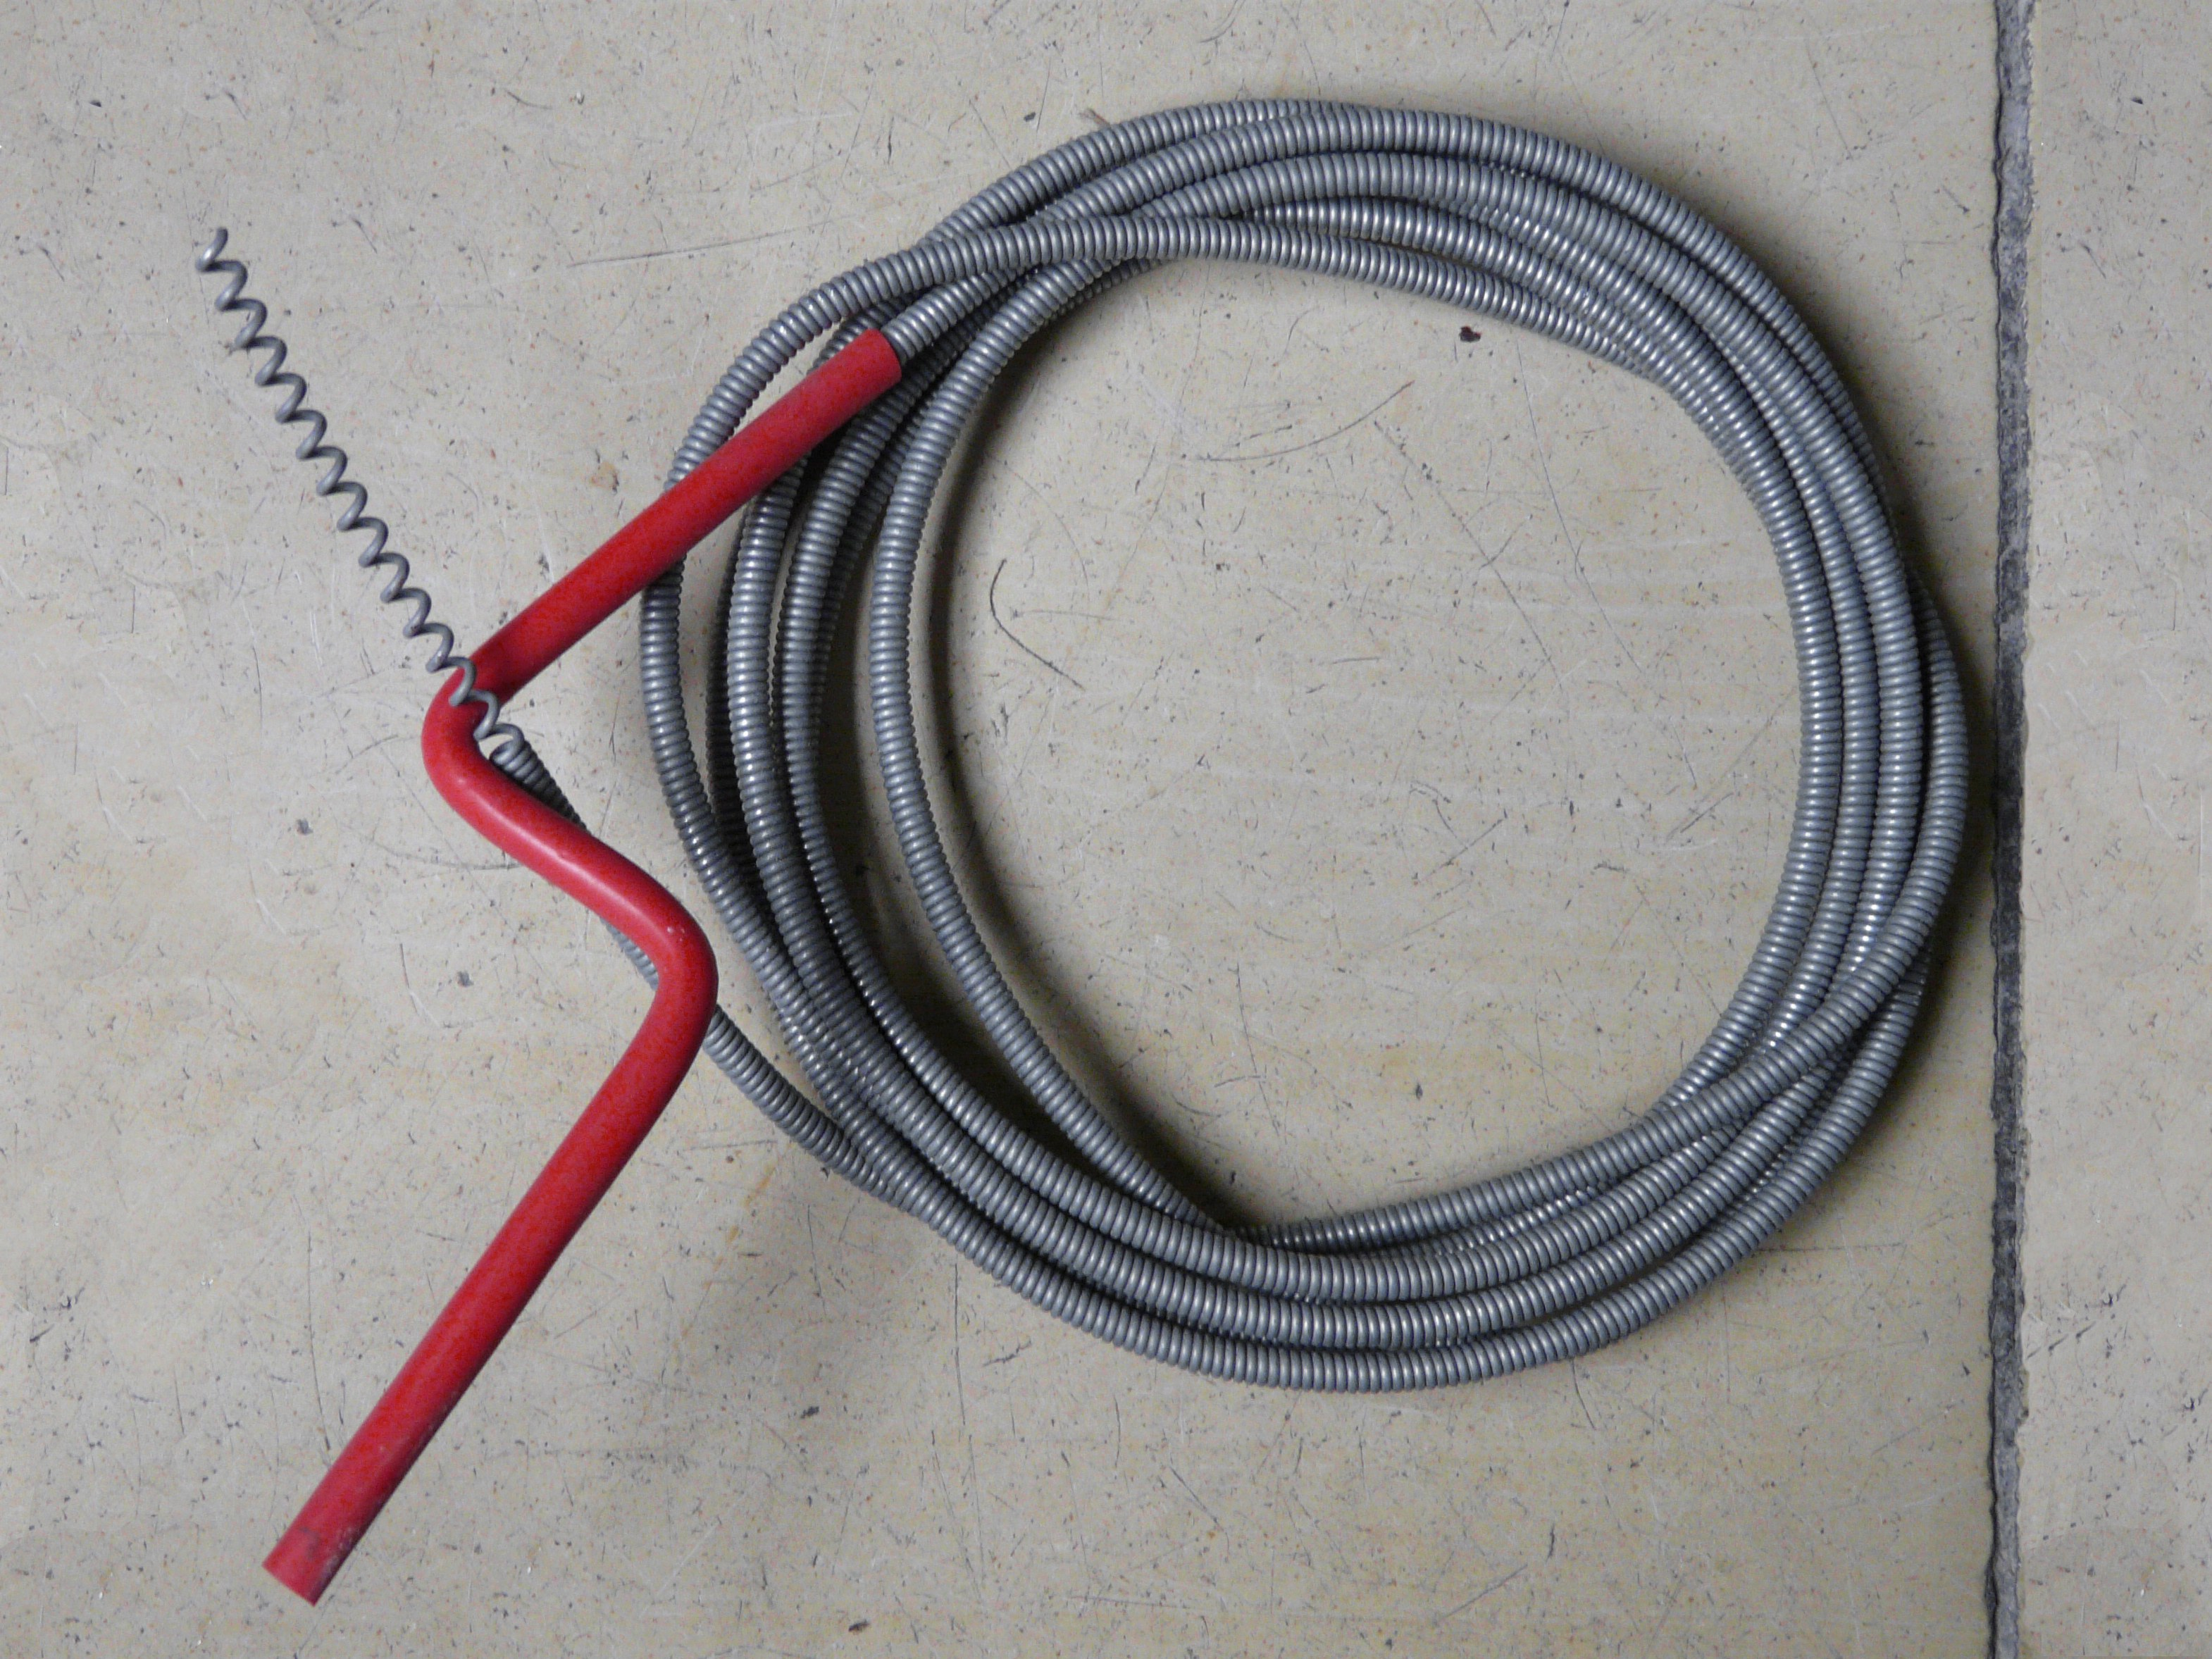 Rohrreinigungsspirale 1 fcm.jpg